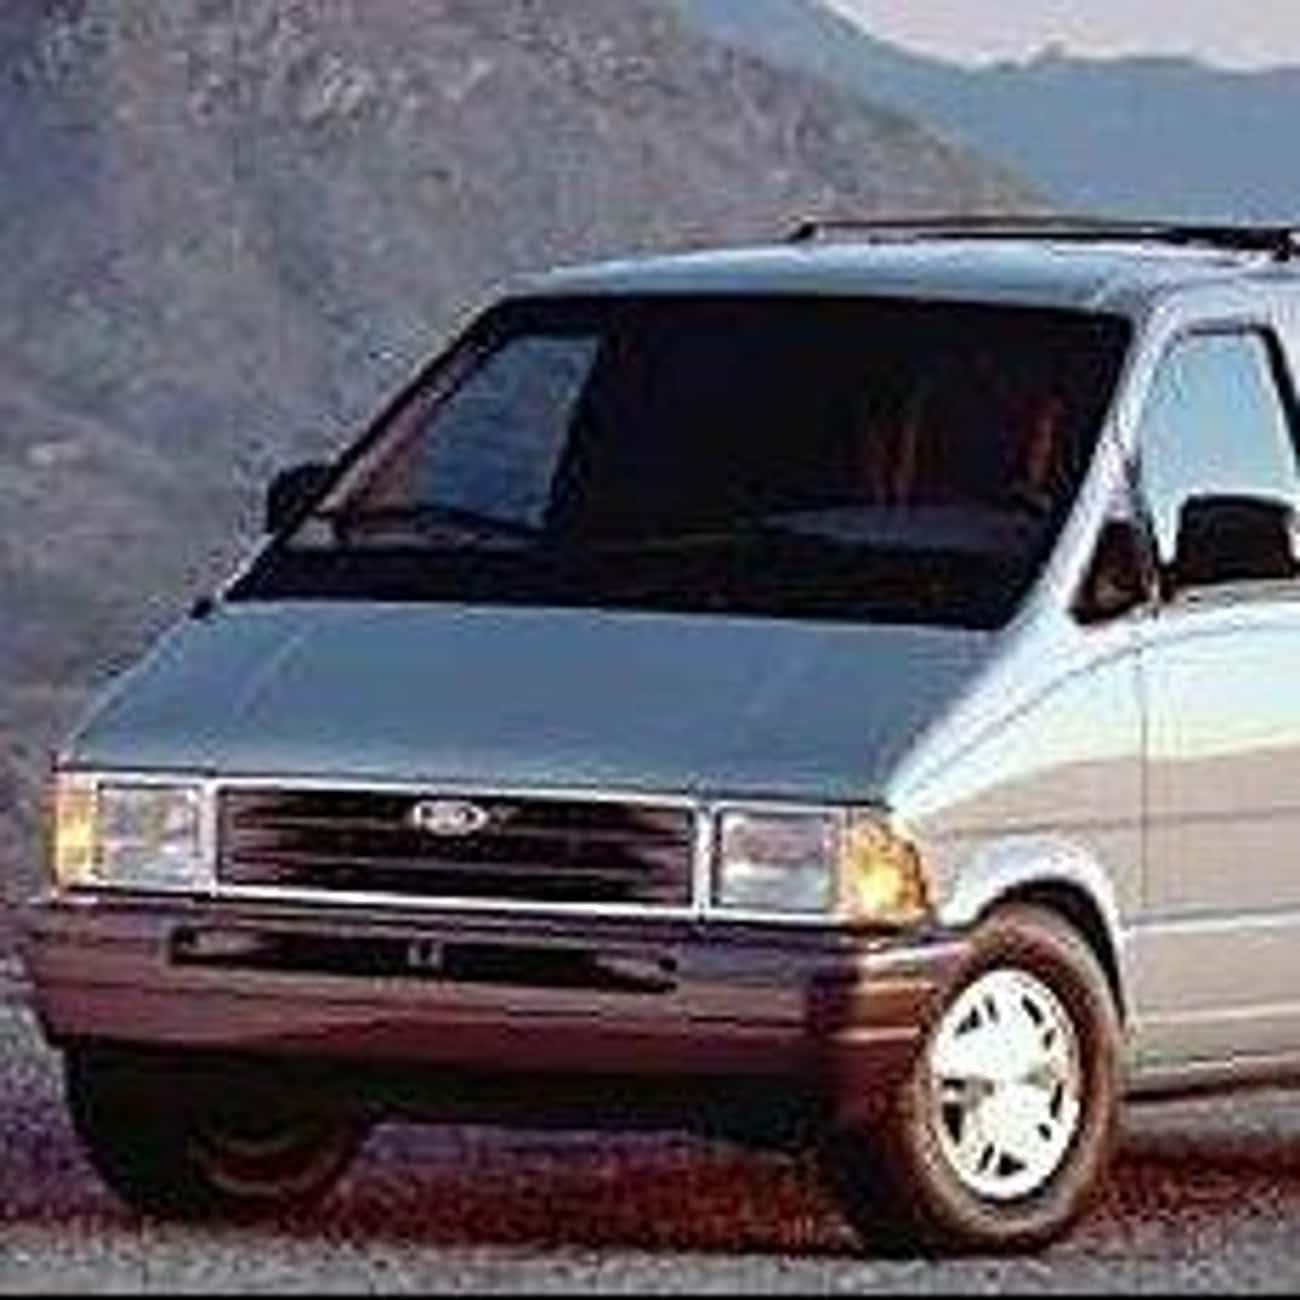 1989 Ford Aerostar Minivan